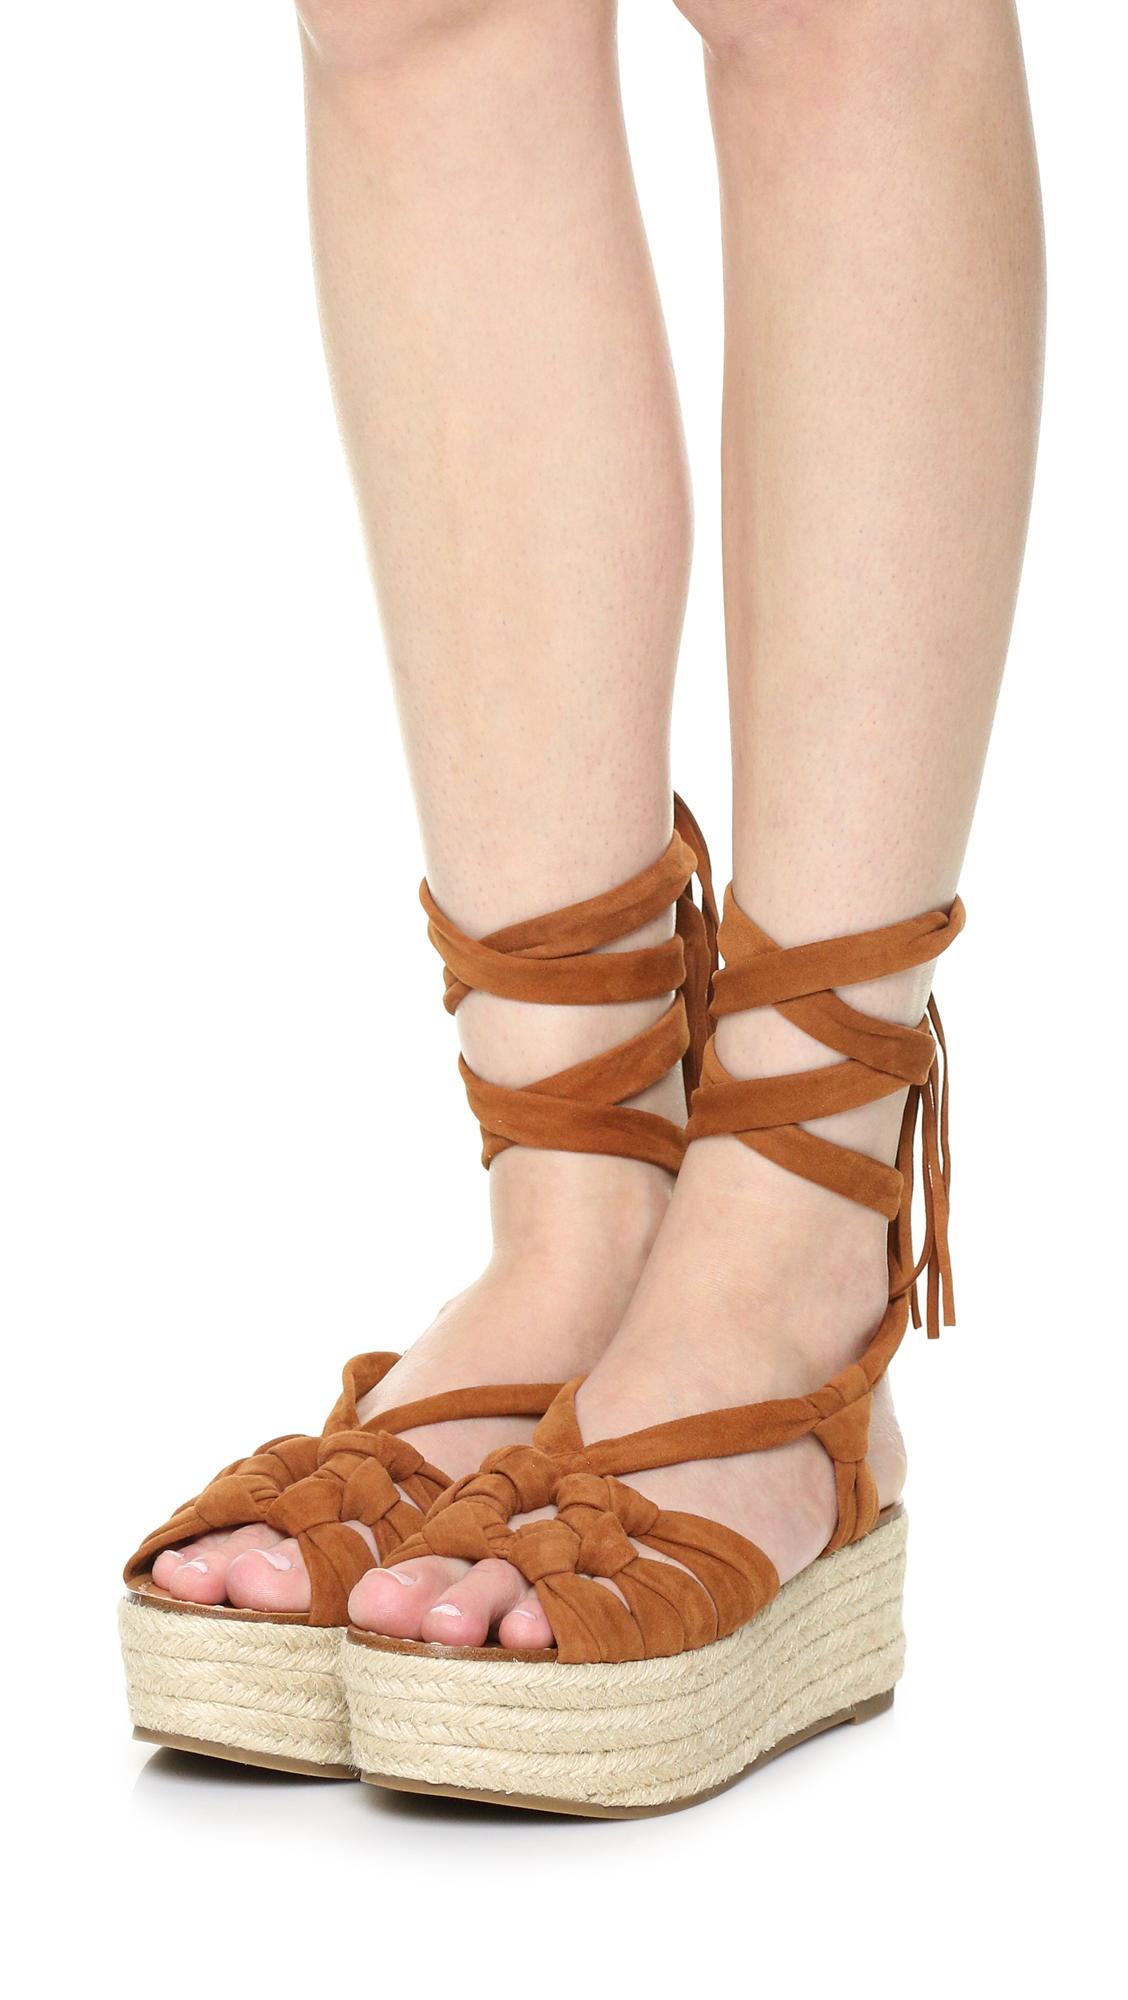 Sigerson Morrison Sigerson Flatform SandalsShopbop Cosie Morrison Cosie SandalsShopbop Morrison Cosie Flatform Flatform Sigerson uTFlJcK31